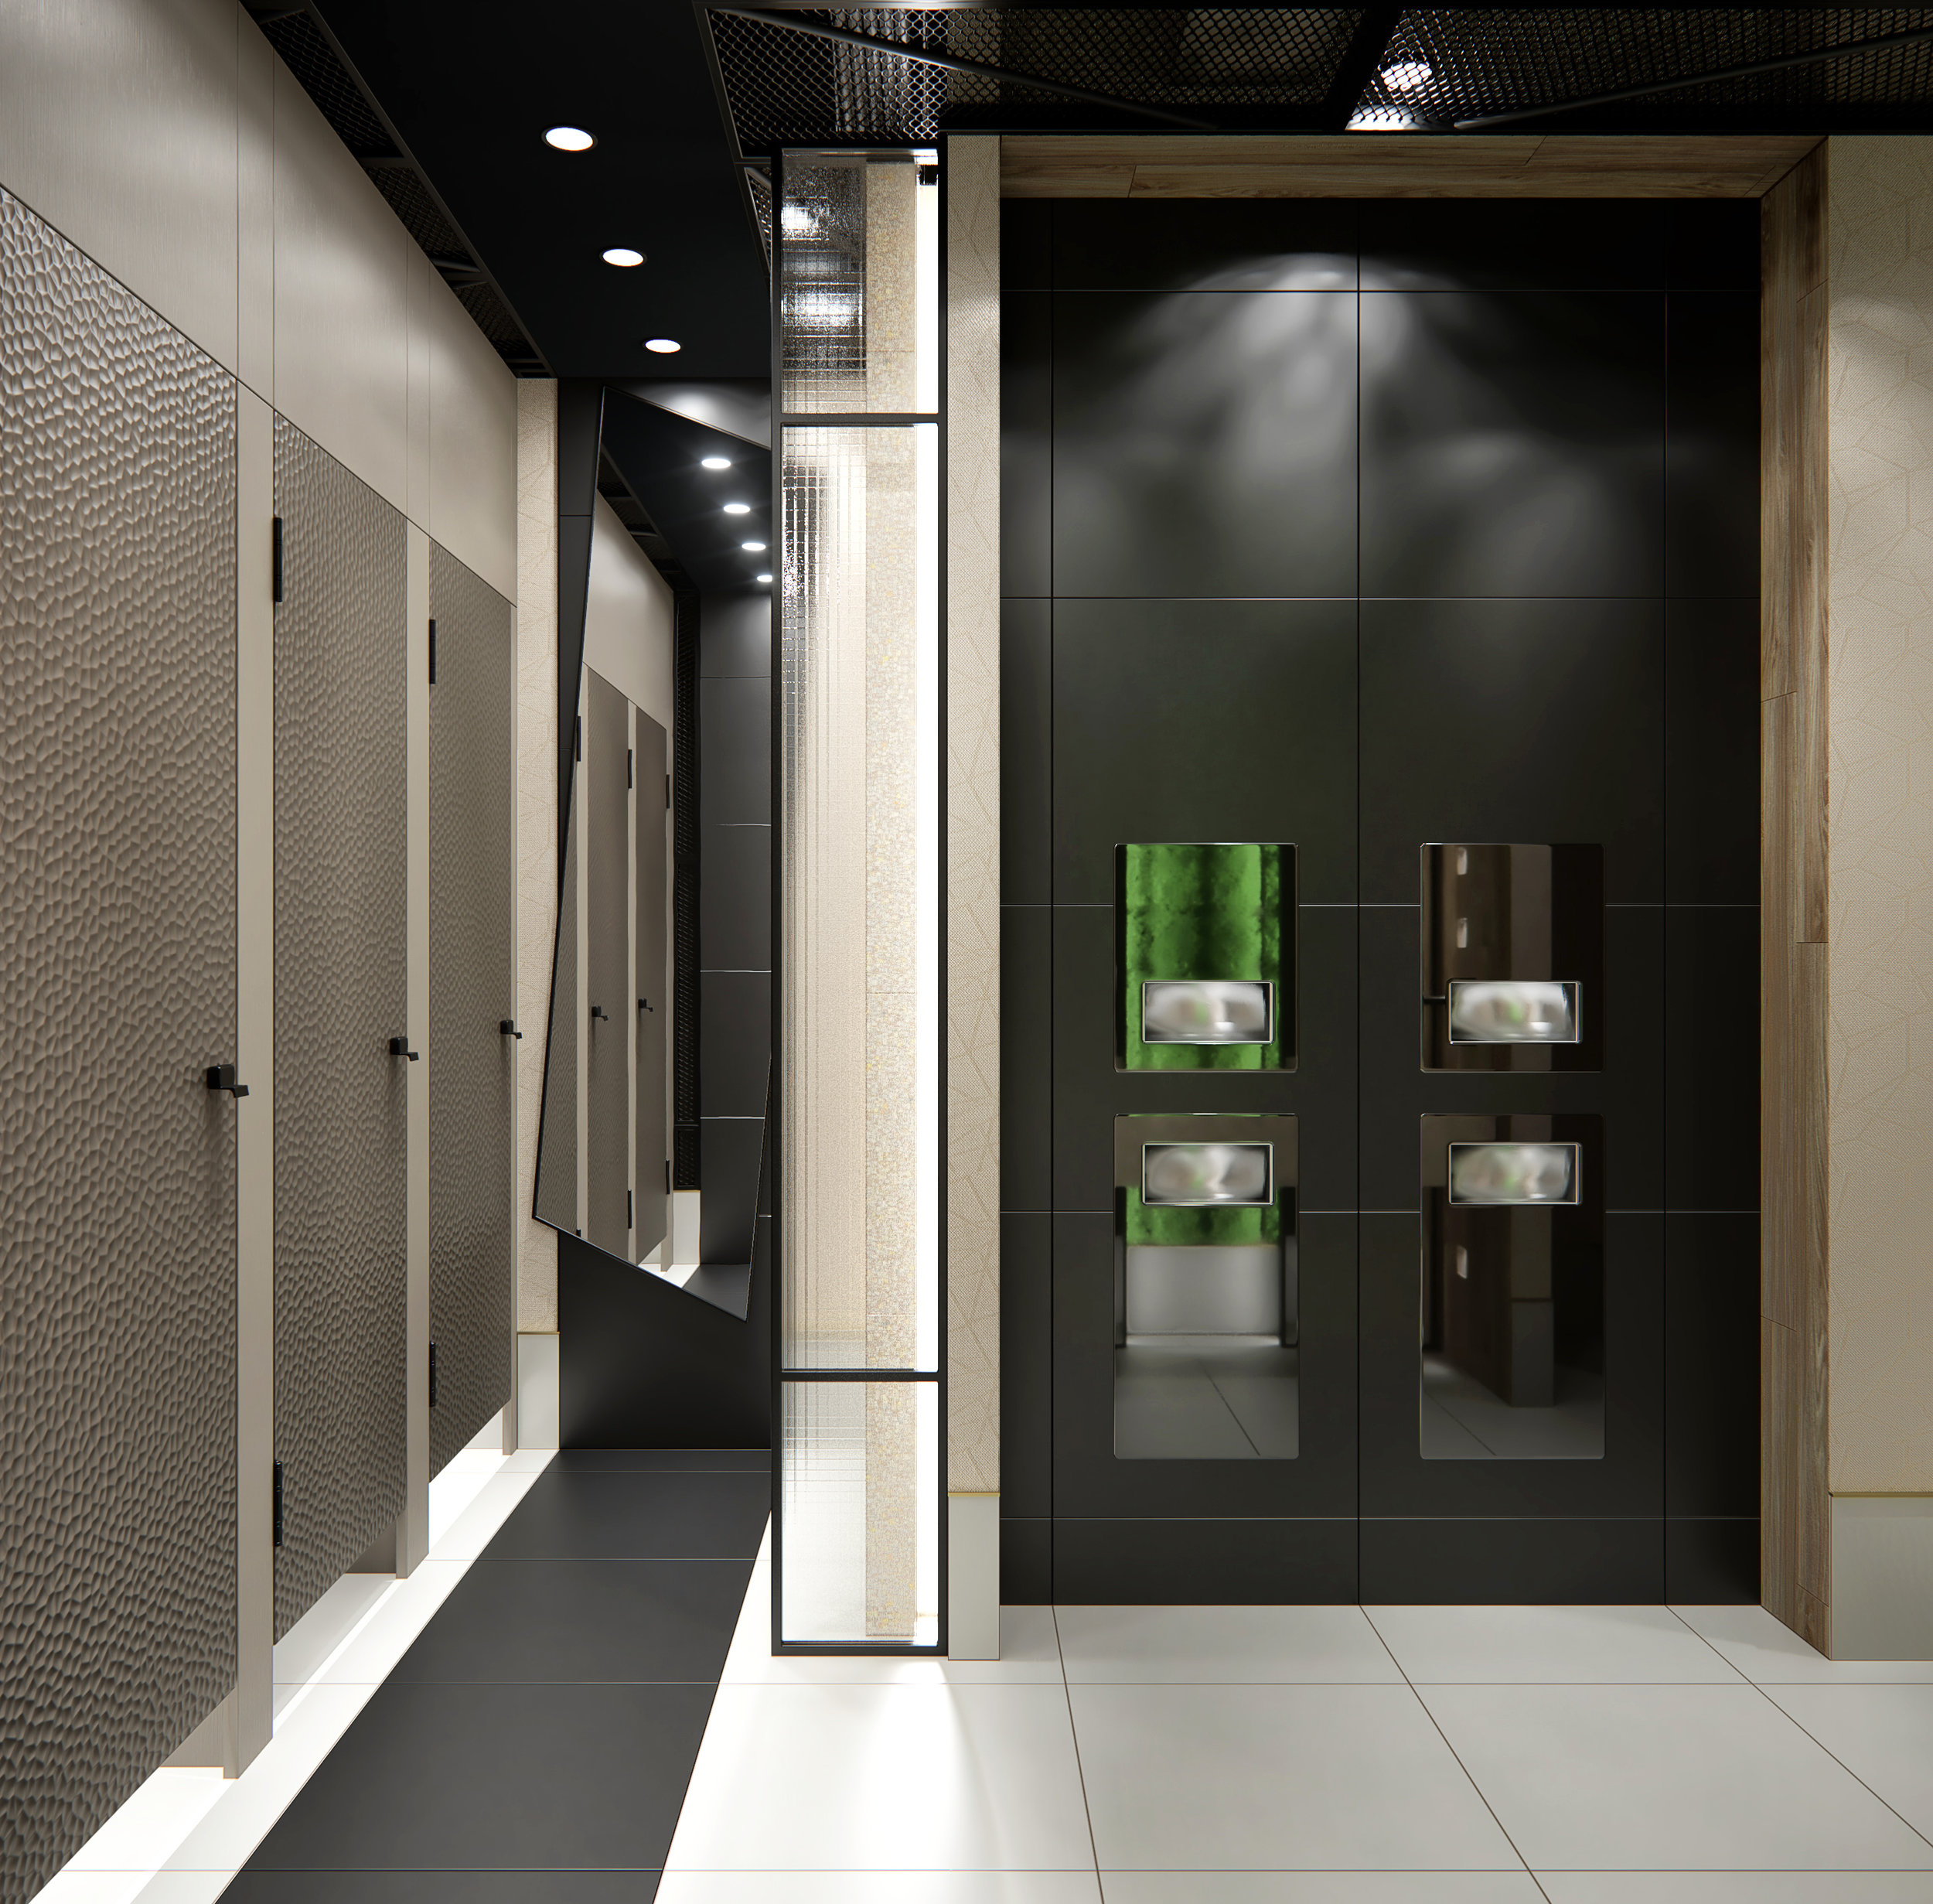 420 5TH AVENUE PUBLIC BATHROOM - WOMEN - 3.jpg